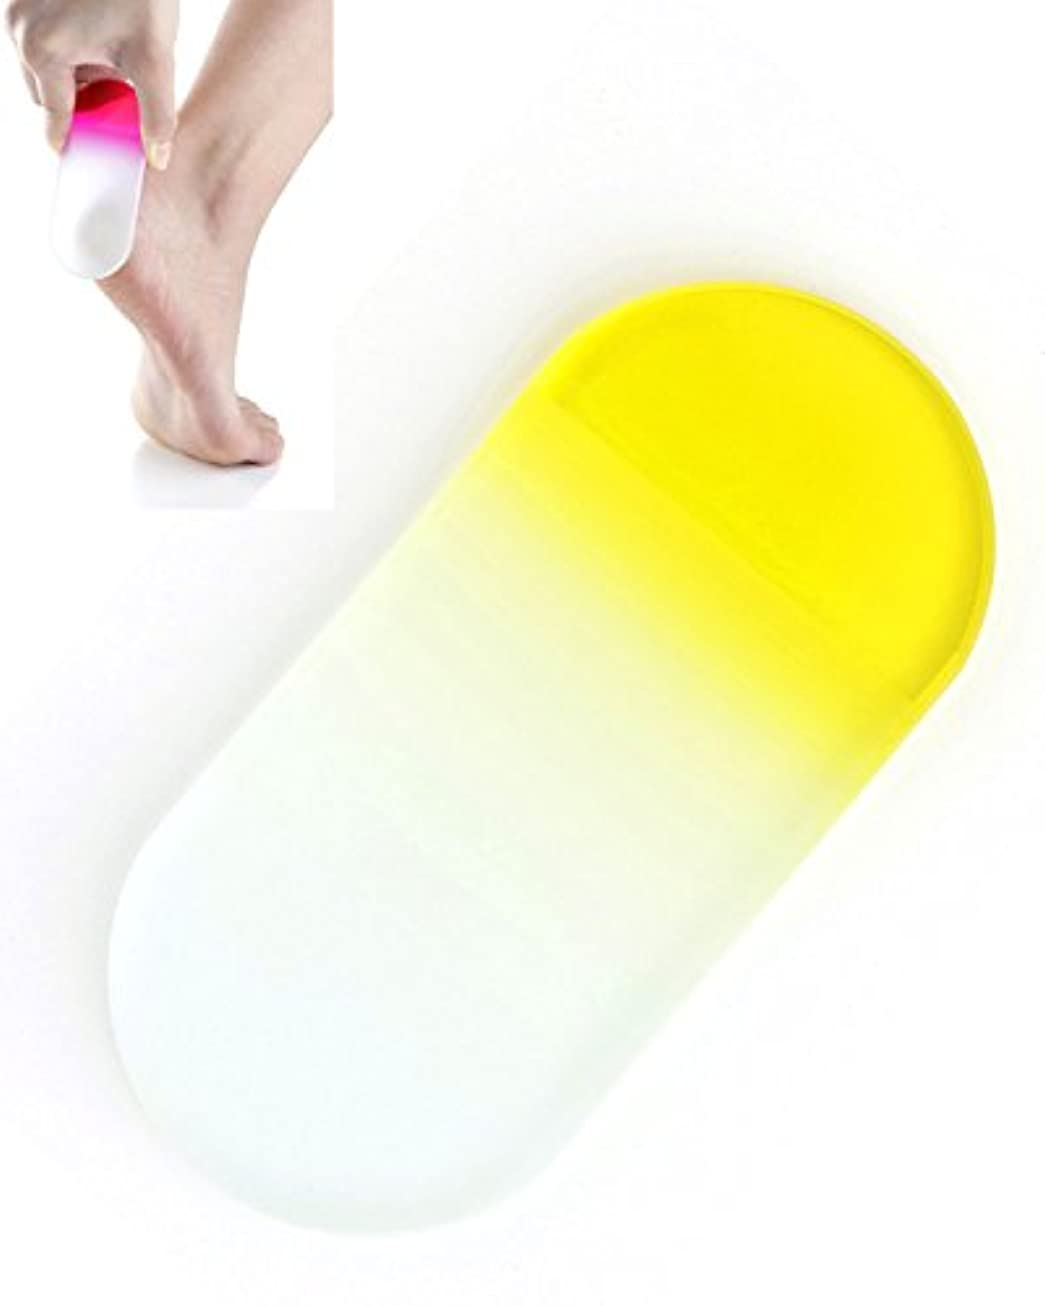 グレートバリアリーフ回想ソースBISON チェコ製ガラス かかとキレイ イエロー 荒目/細目両面 専用ケース付 介護用